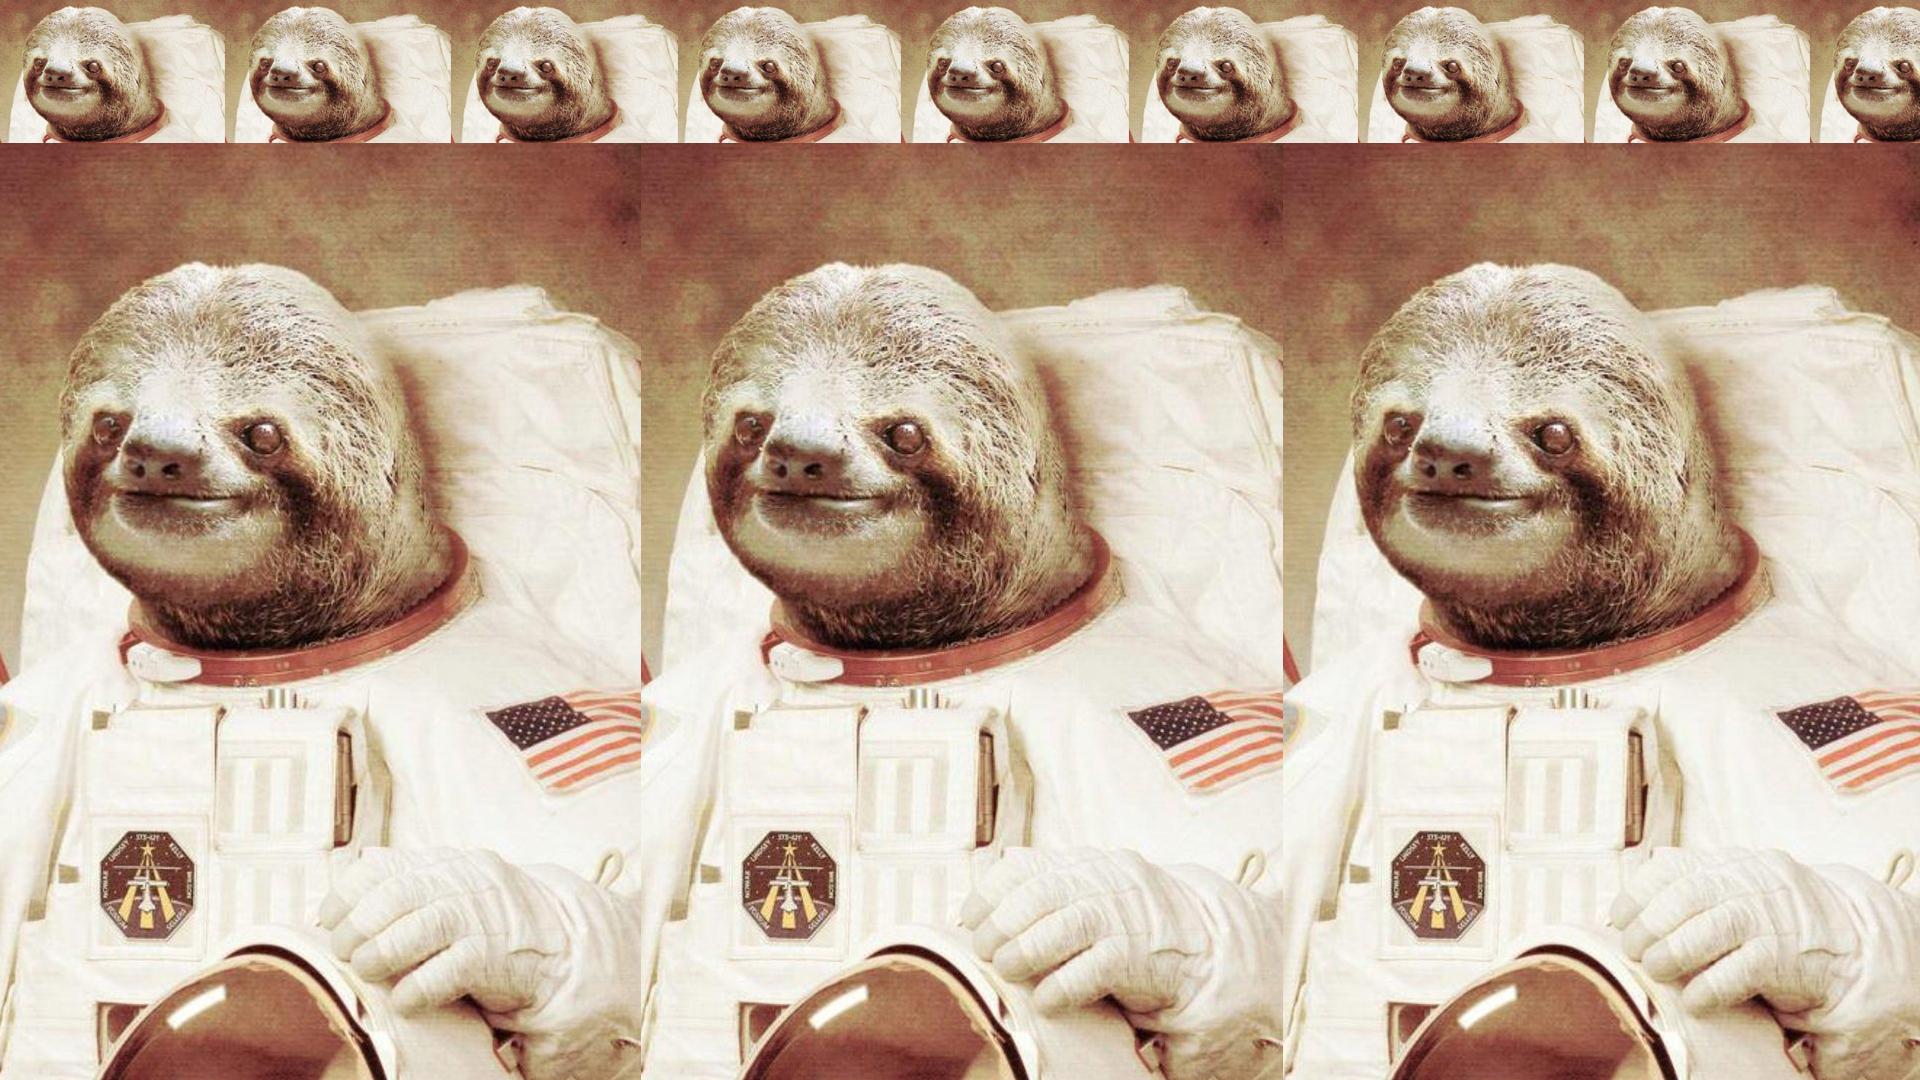 43+] Sloth Desktop Wallpaper on WallpaperSafari